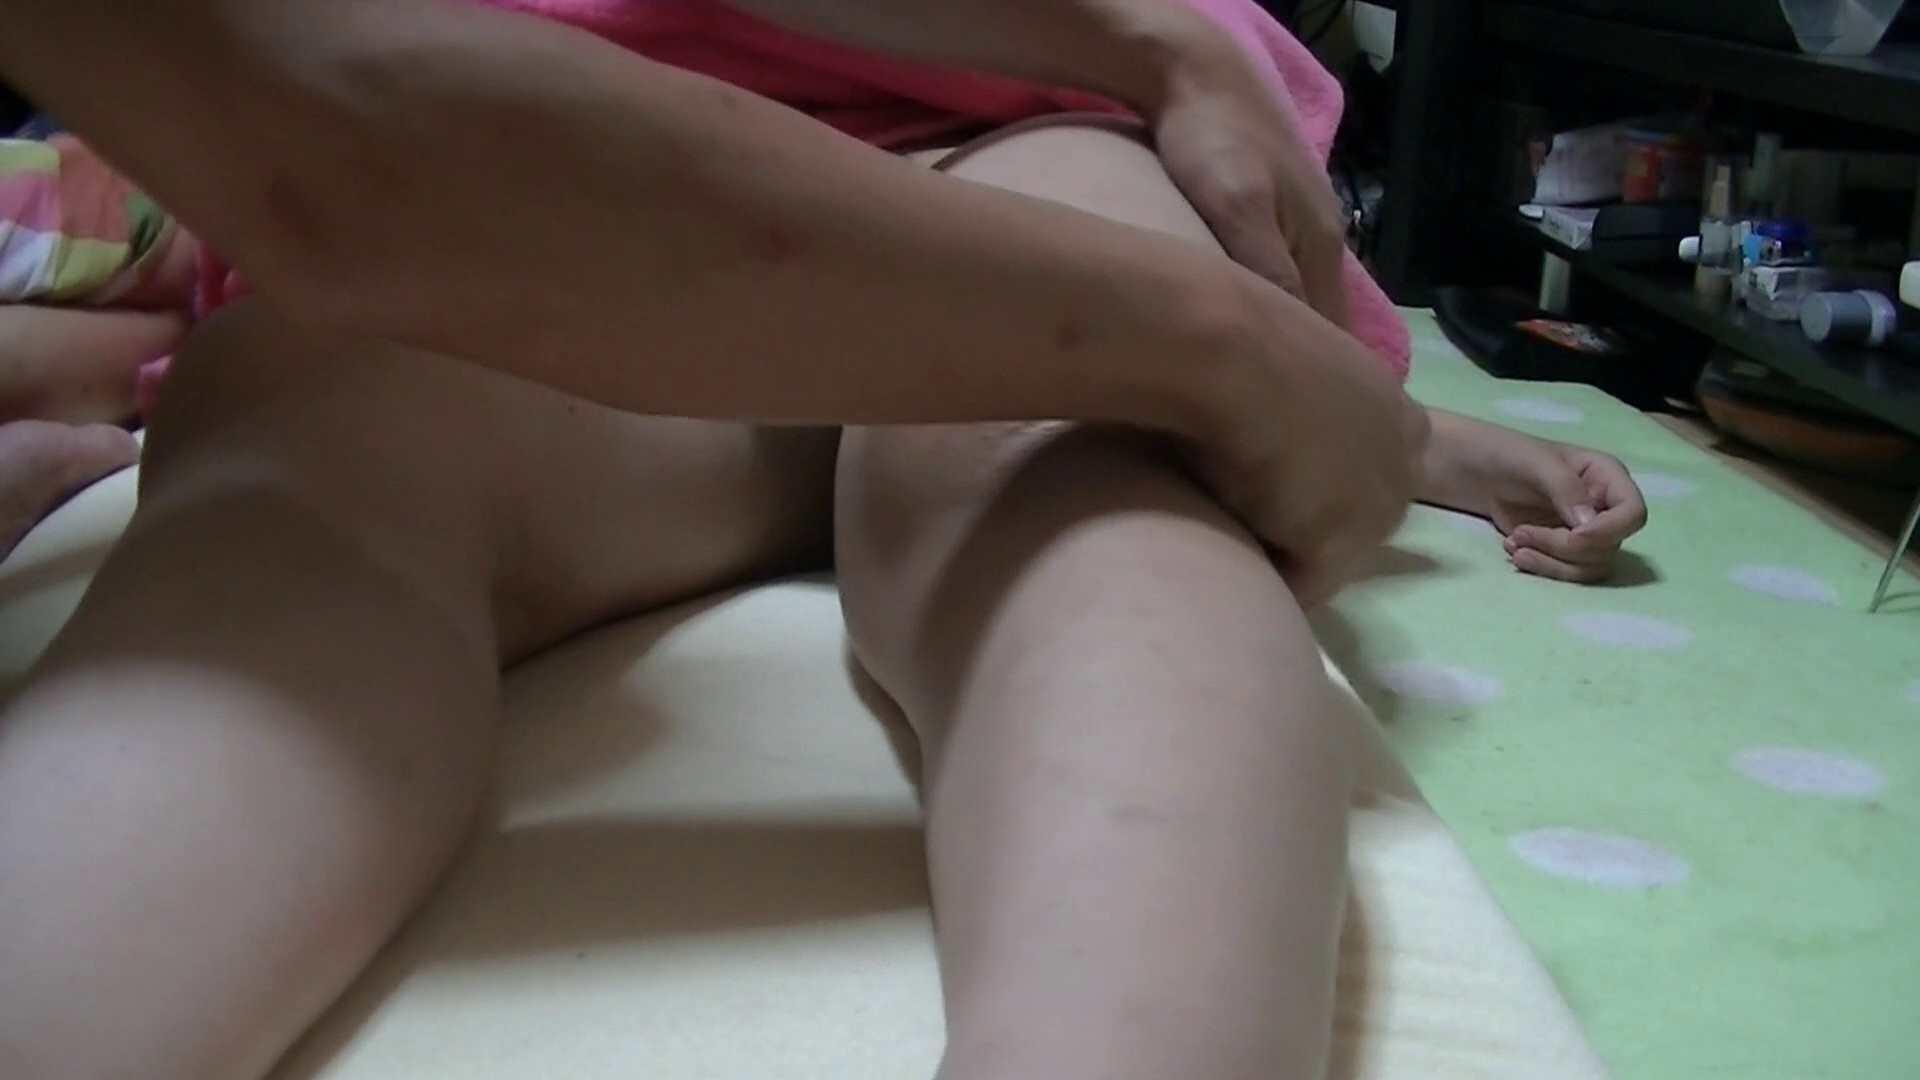 アナルに浣腸まで… 影対妊娠中の姪っ子19歳 美乳  62PIX 4